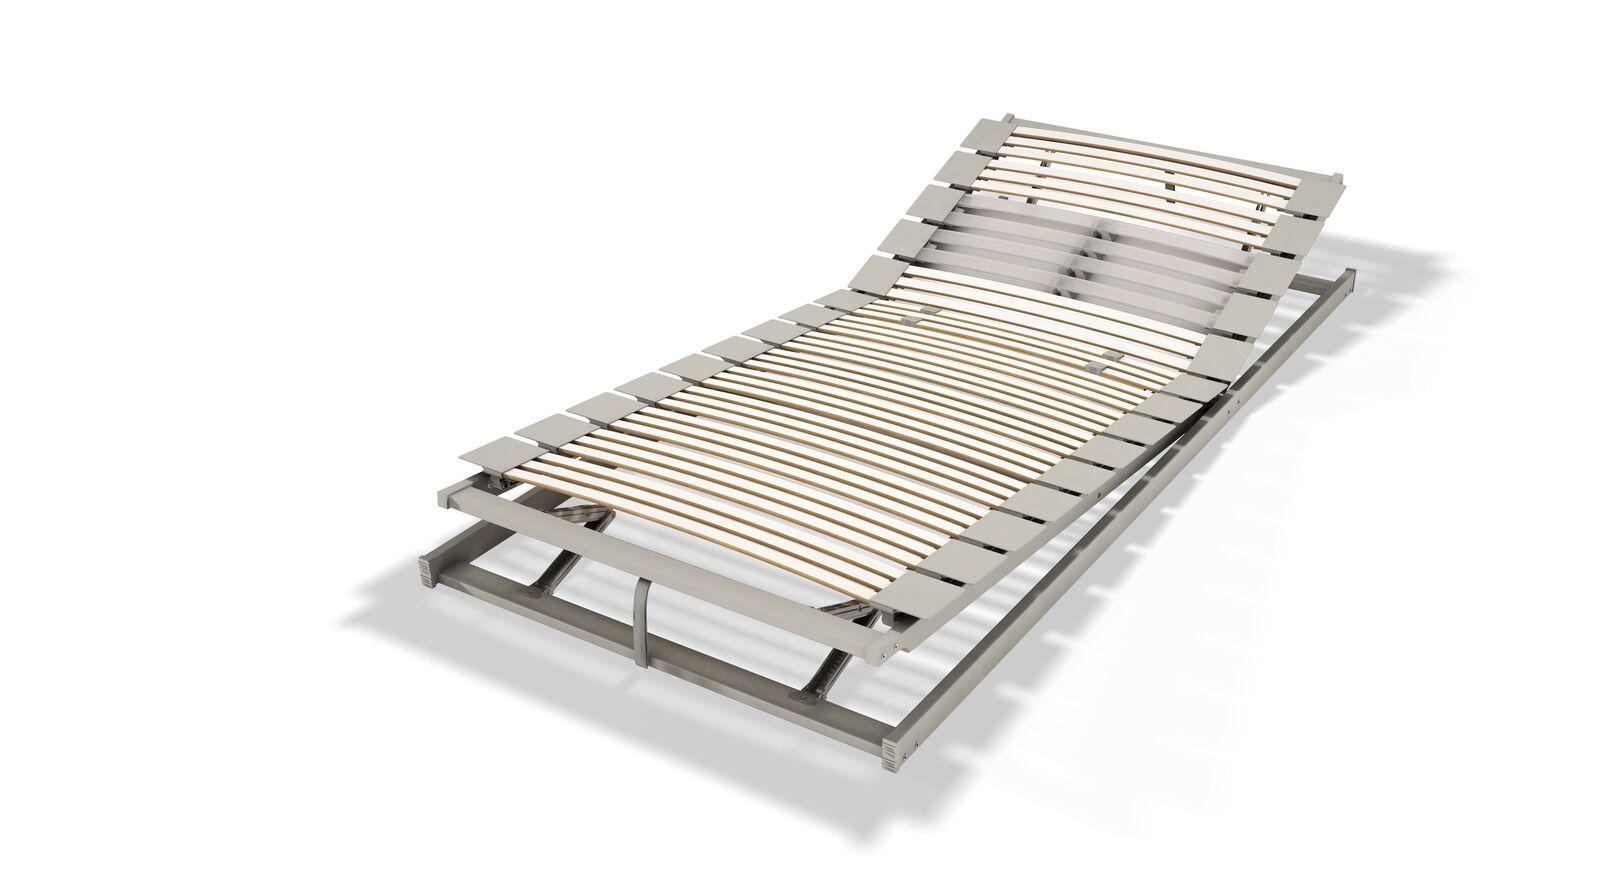 SCHLARAFFIA Lattenrost ComFEEL 40 Plus NV/KF mit Kopf- und Fußverstellung